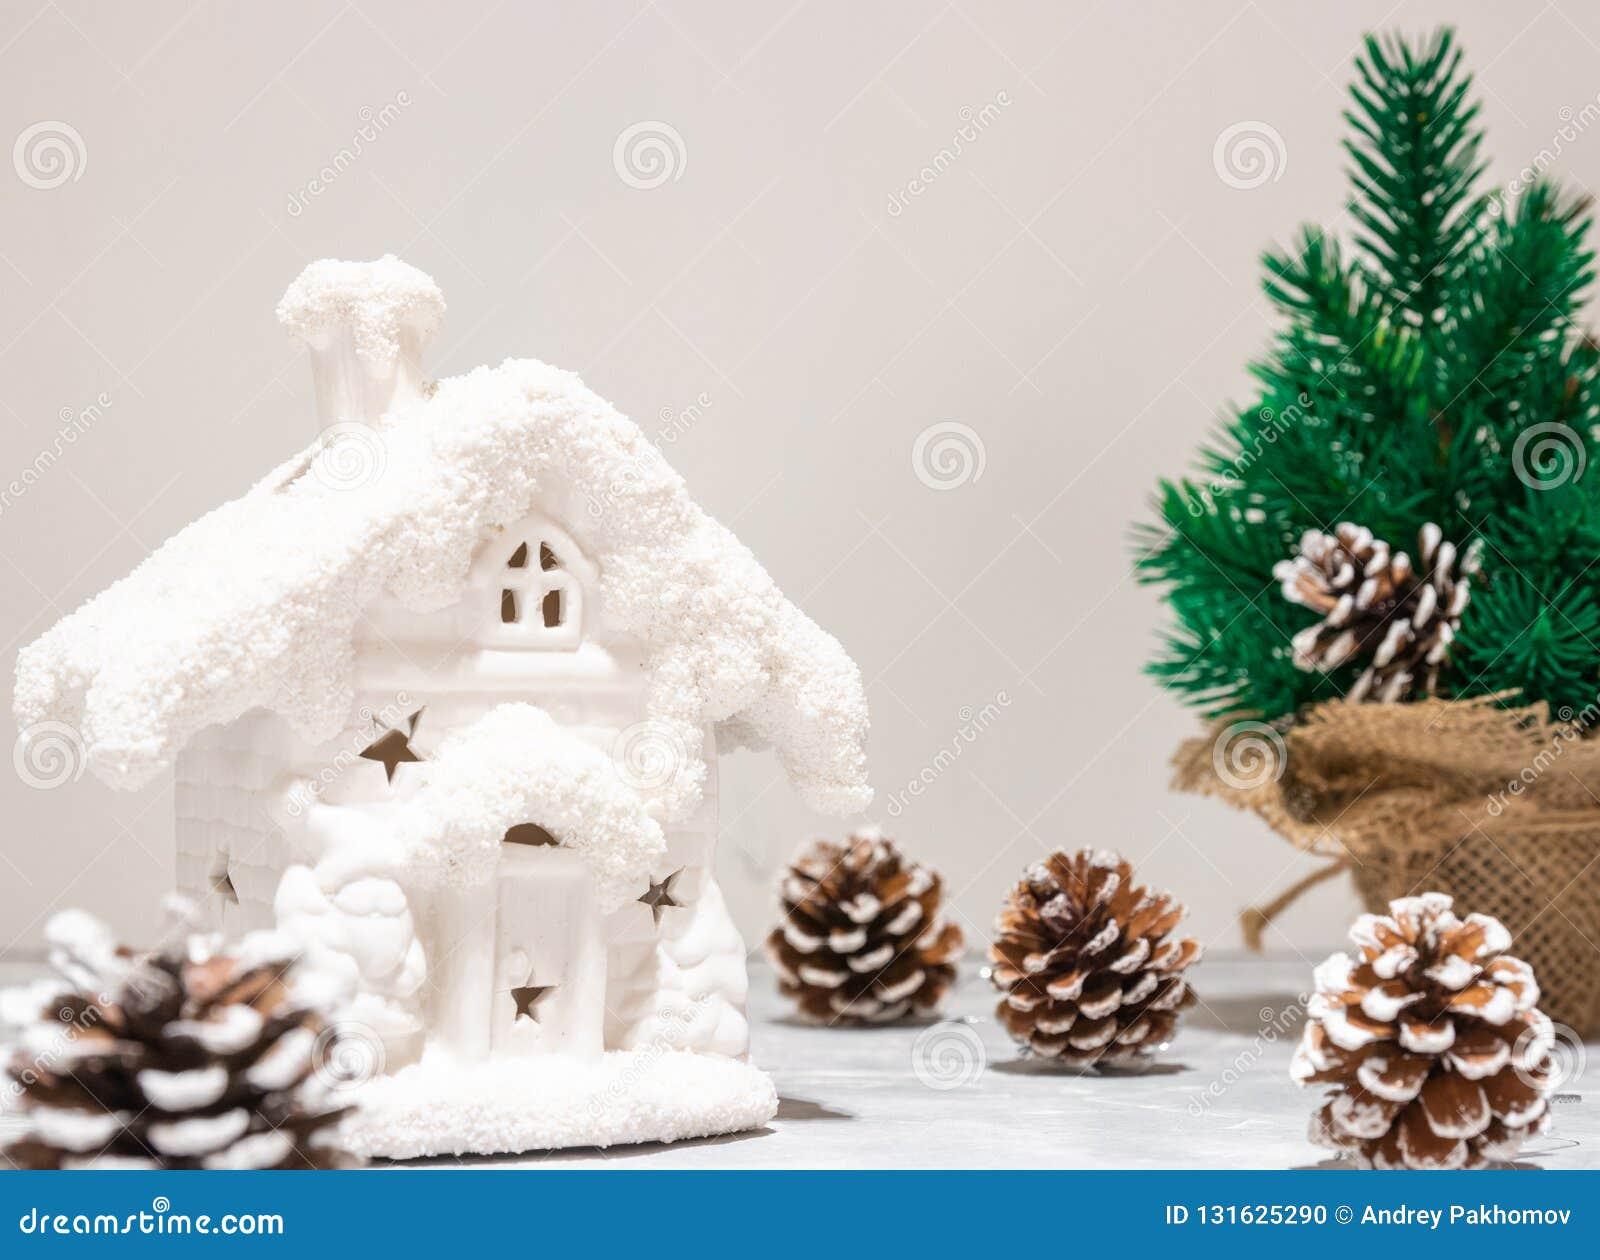 Arbre Bois Blanc Decoration composition en vacances d'art christmas sur le fond en bois